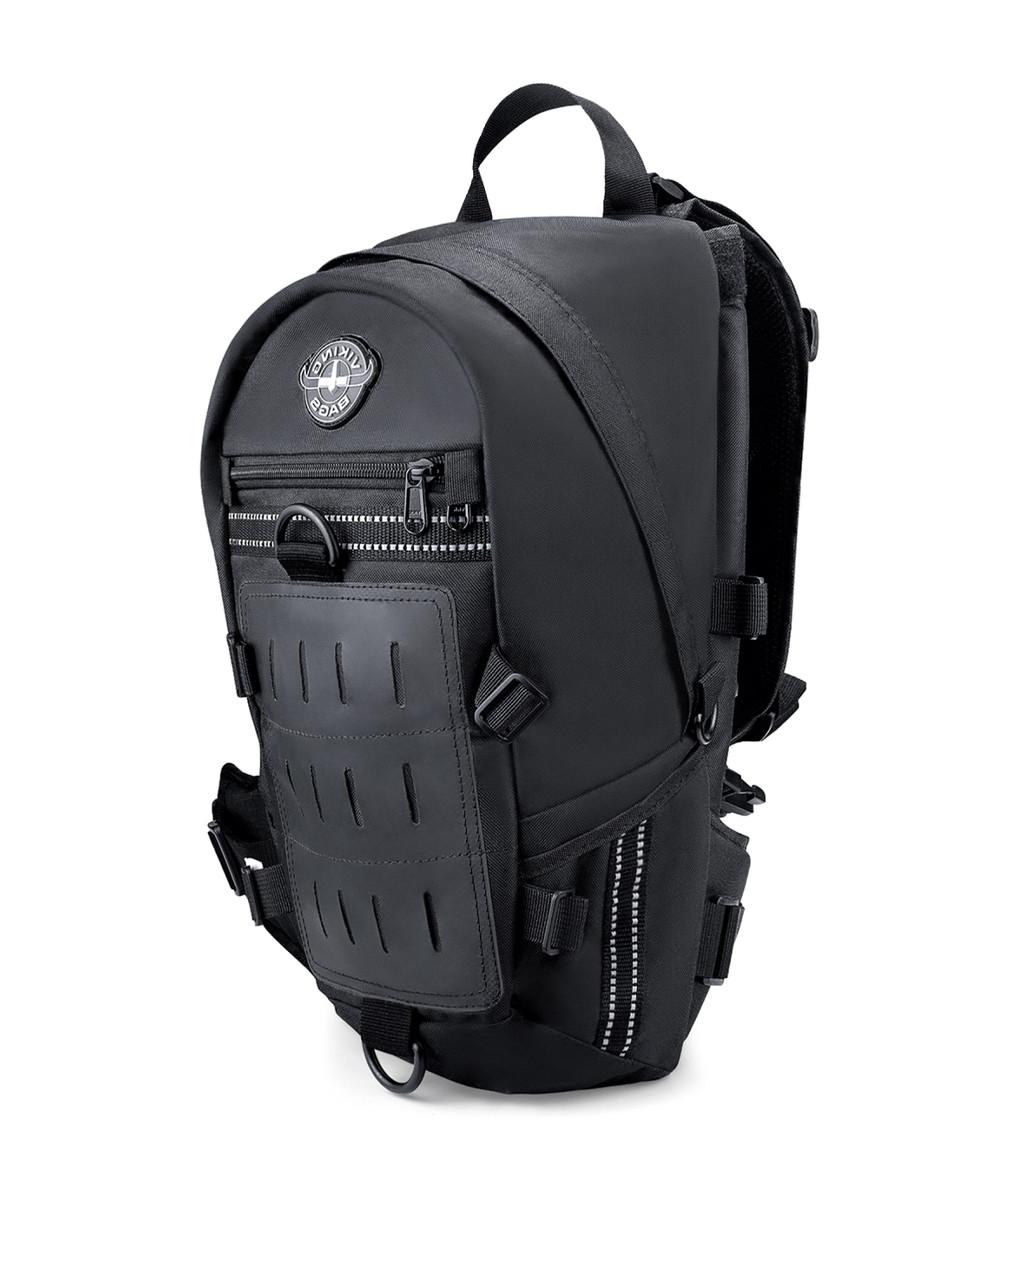 VikingBags Dirtman Medium Black Motorcycle Backpack For Harley Davidson Main Bag View